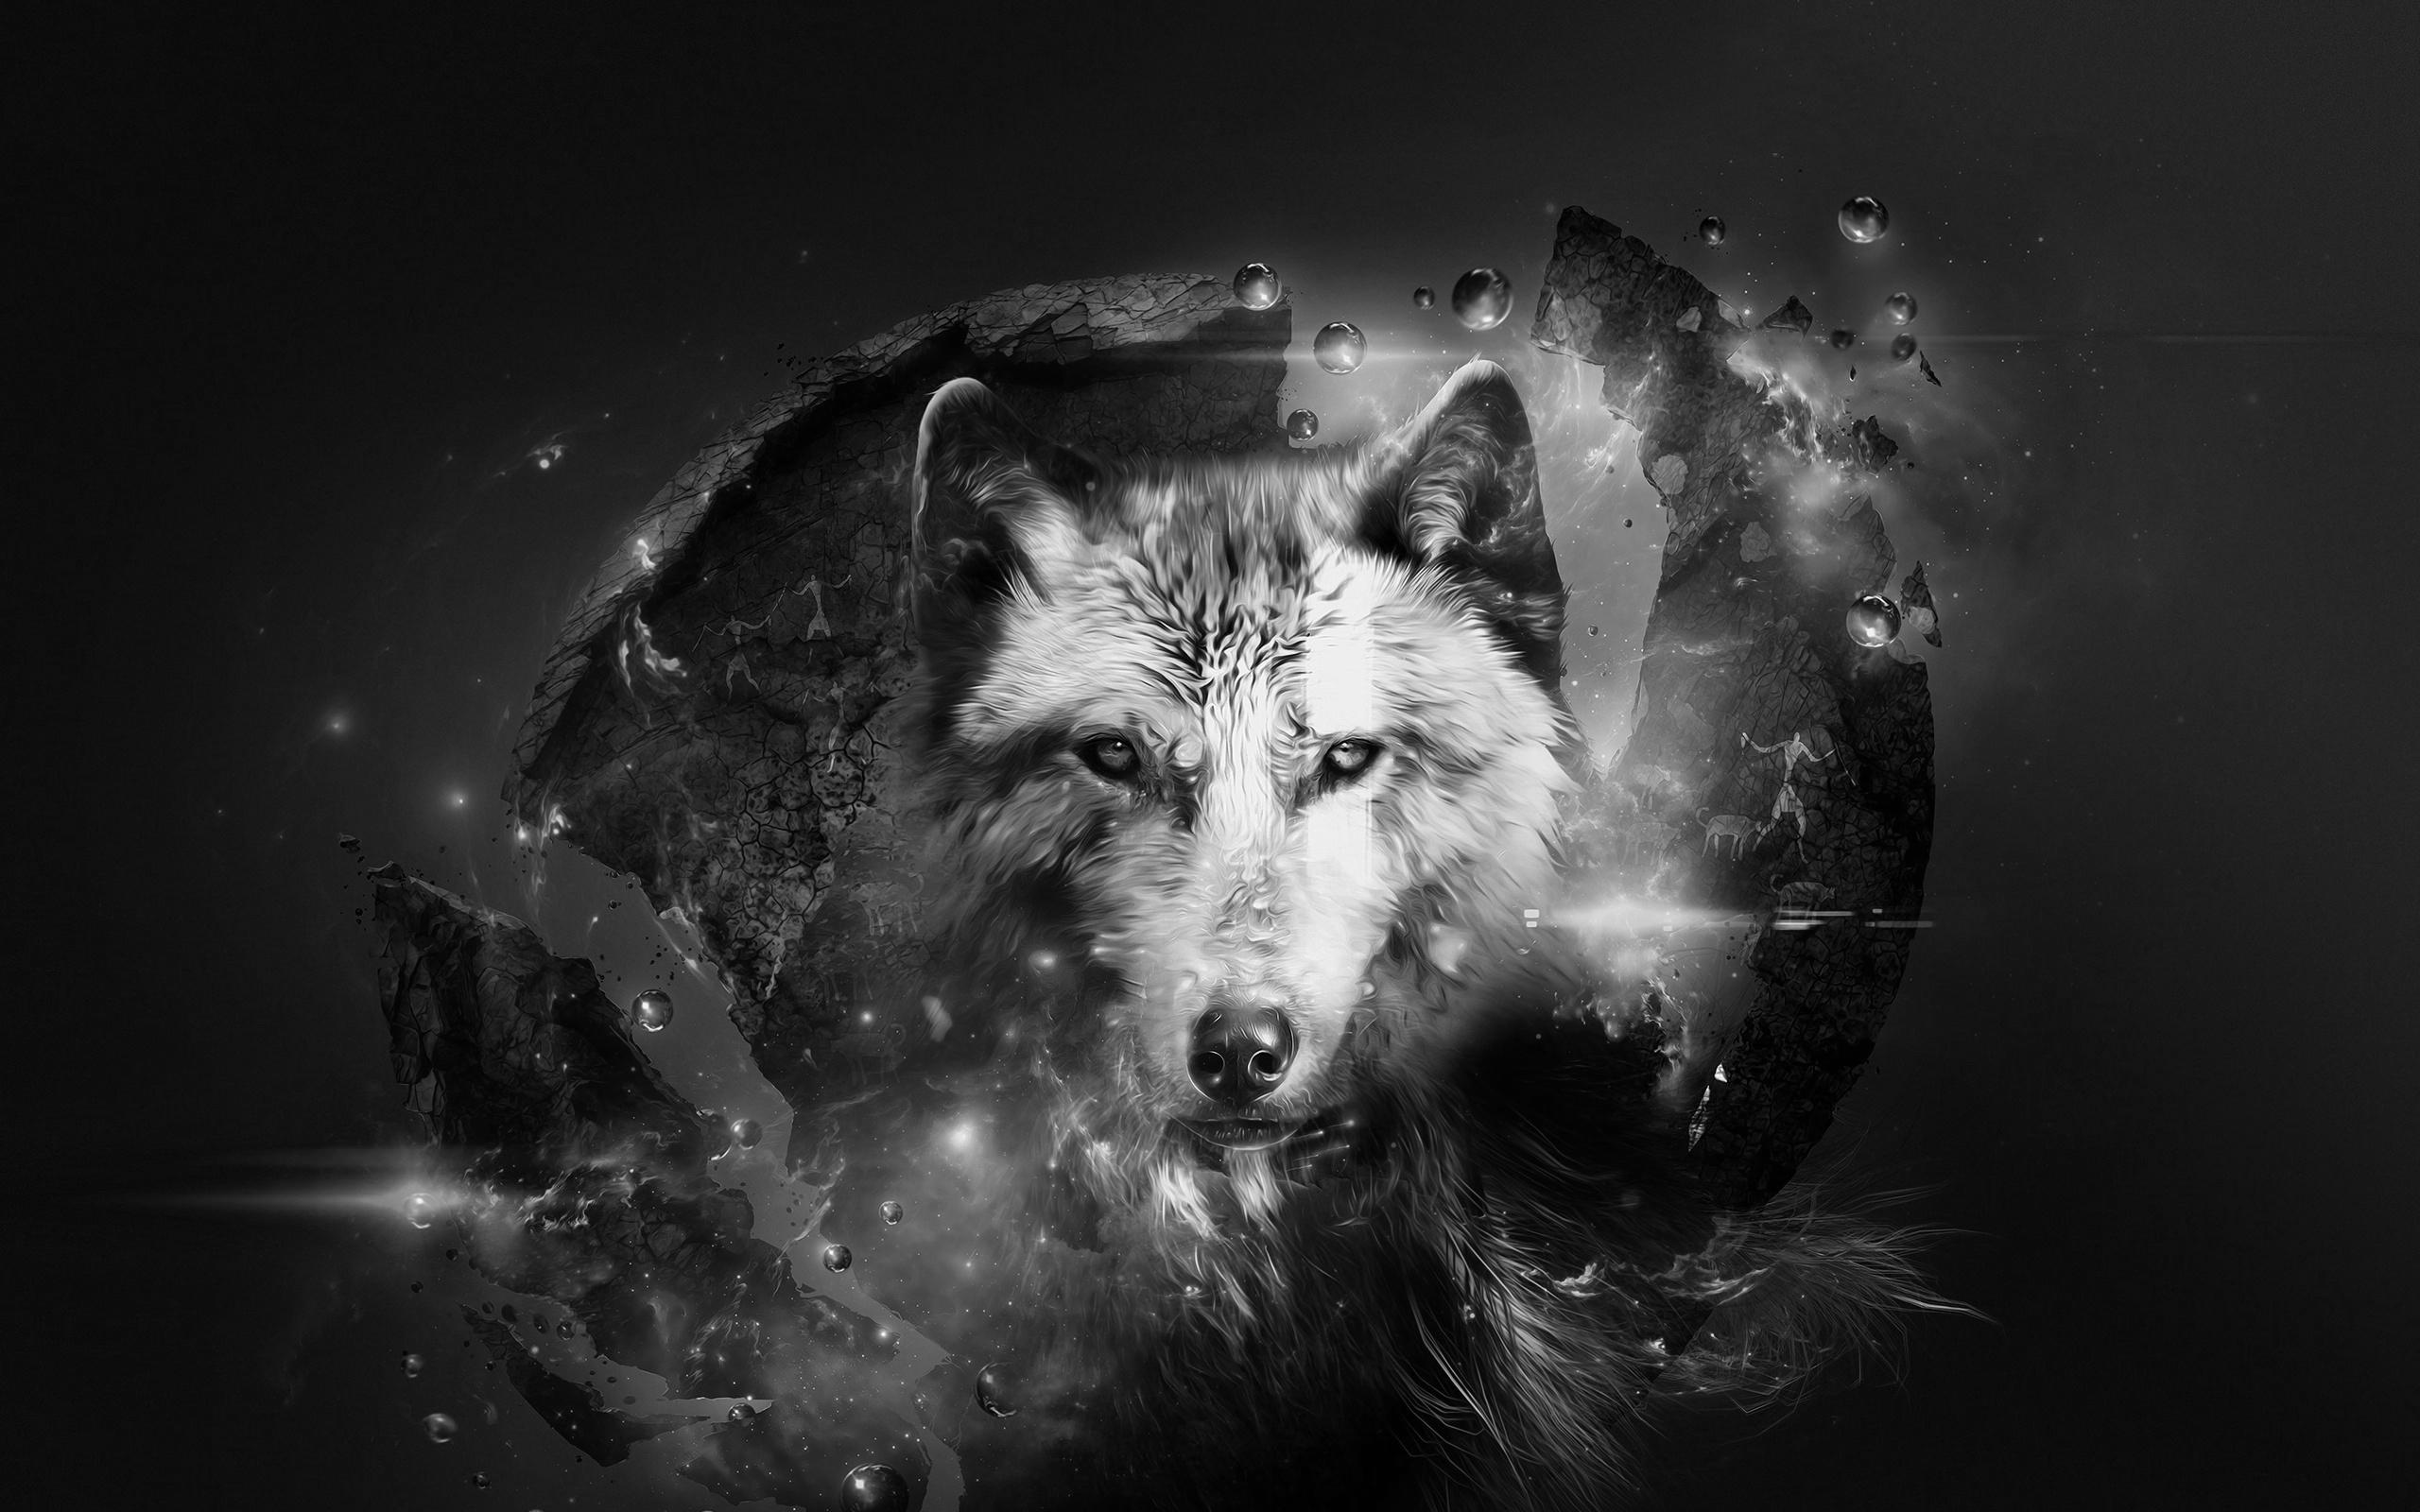 Wolf Fantasy Wallpaper Sf Wallpaper